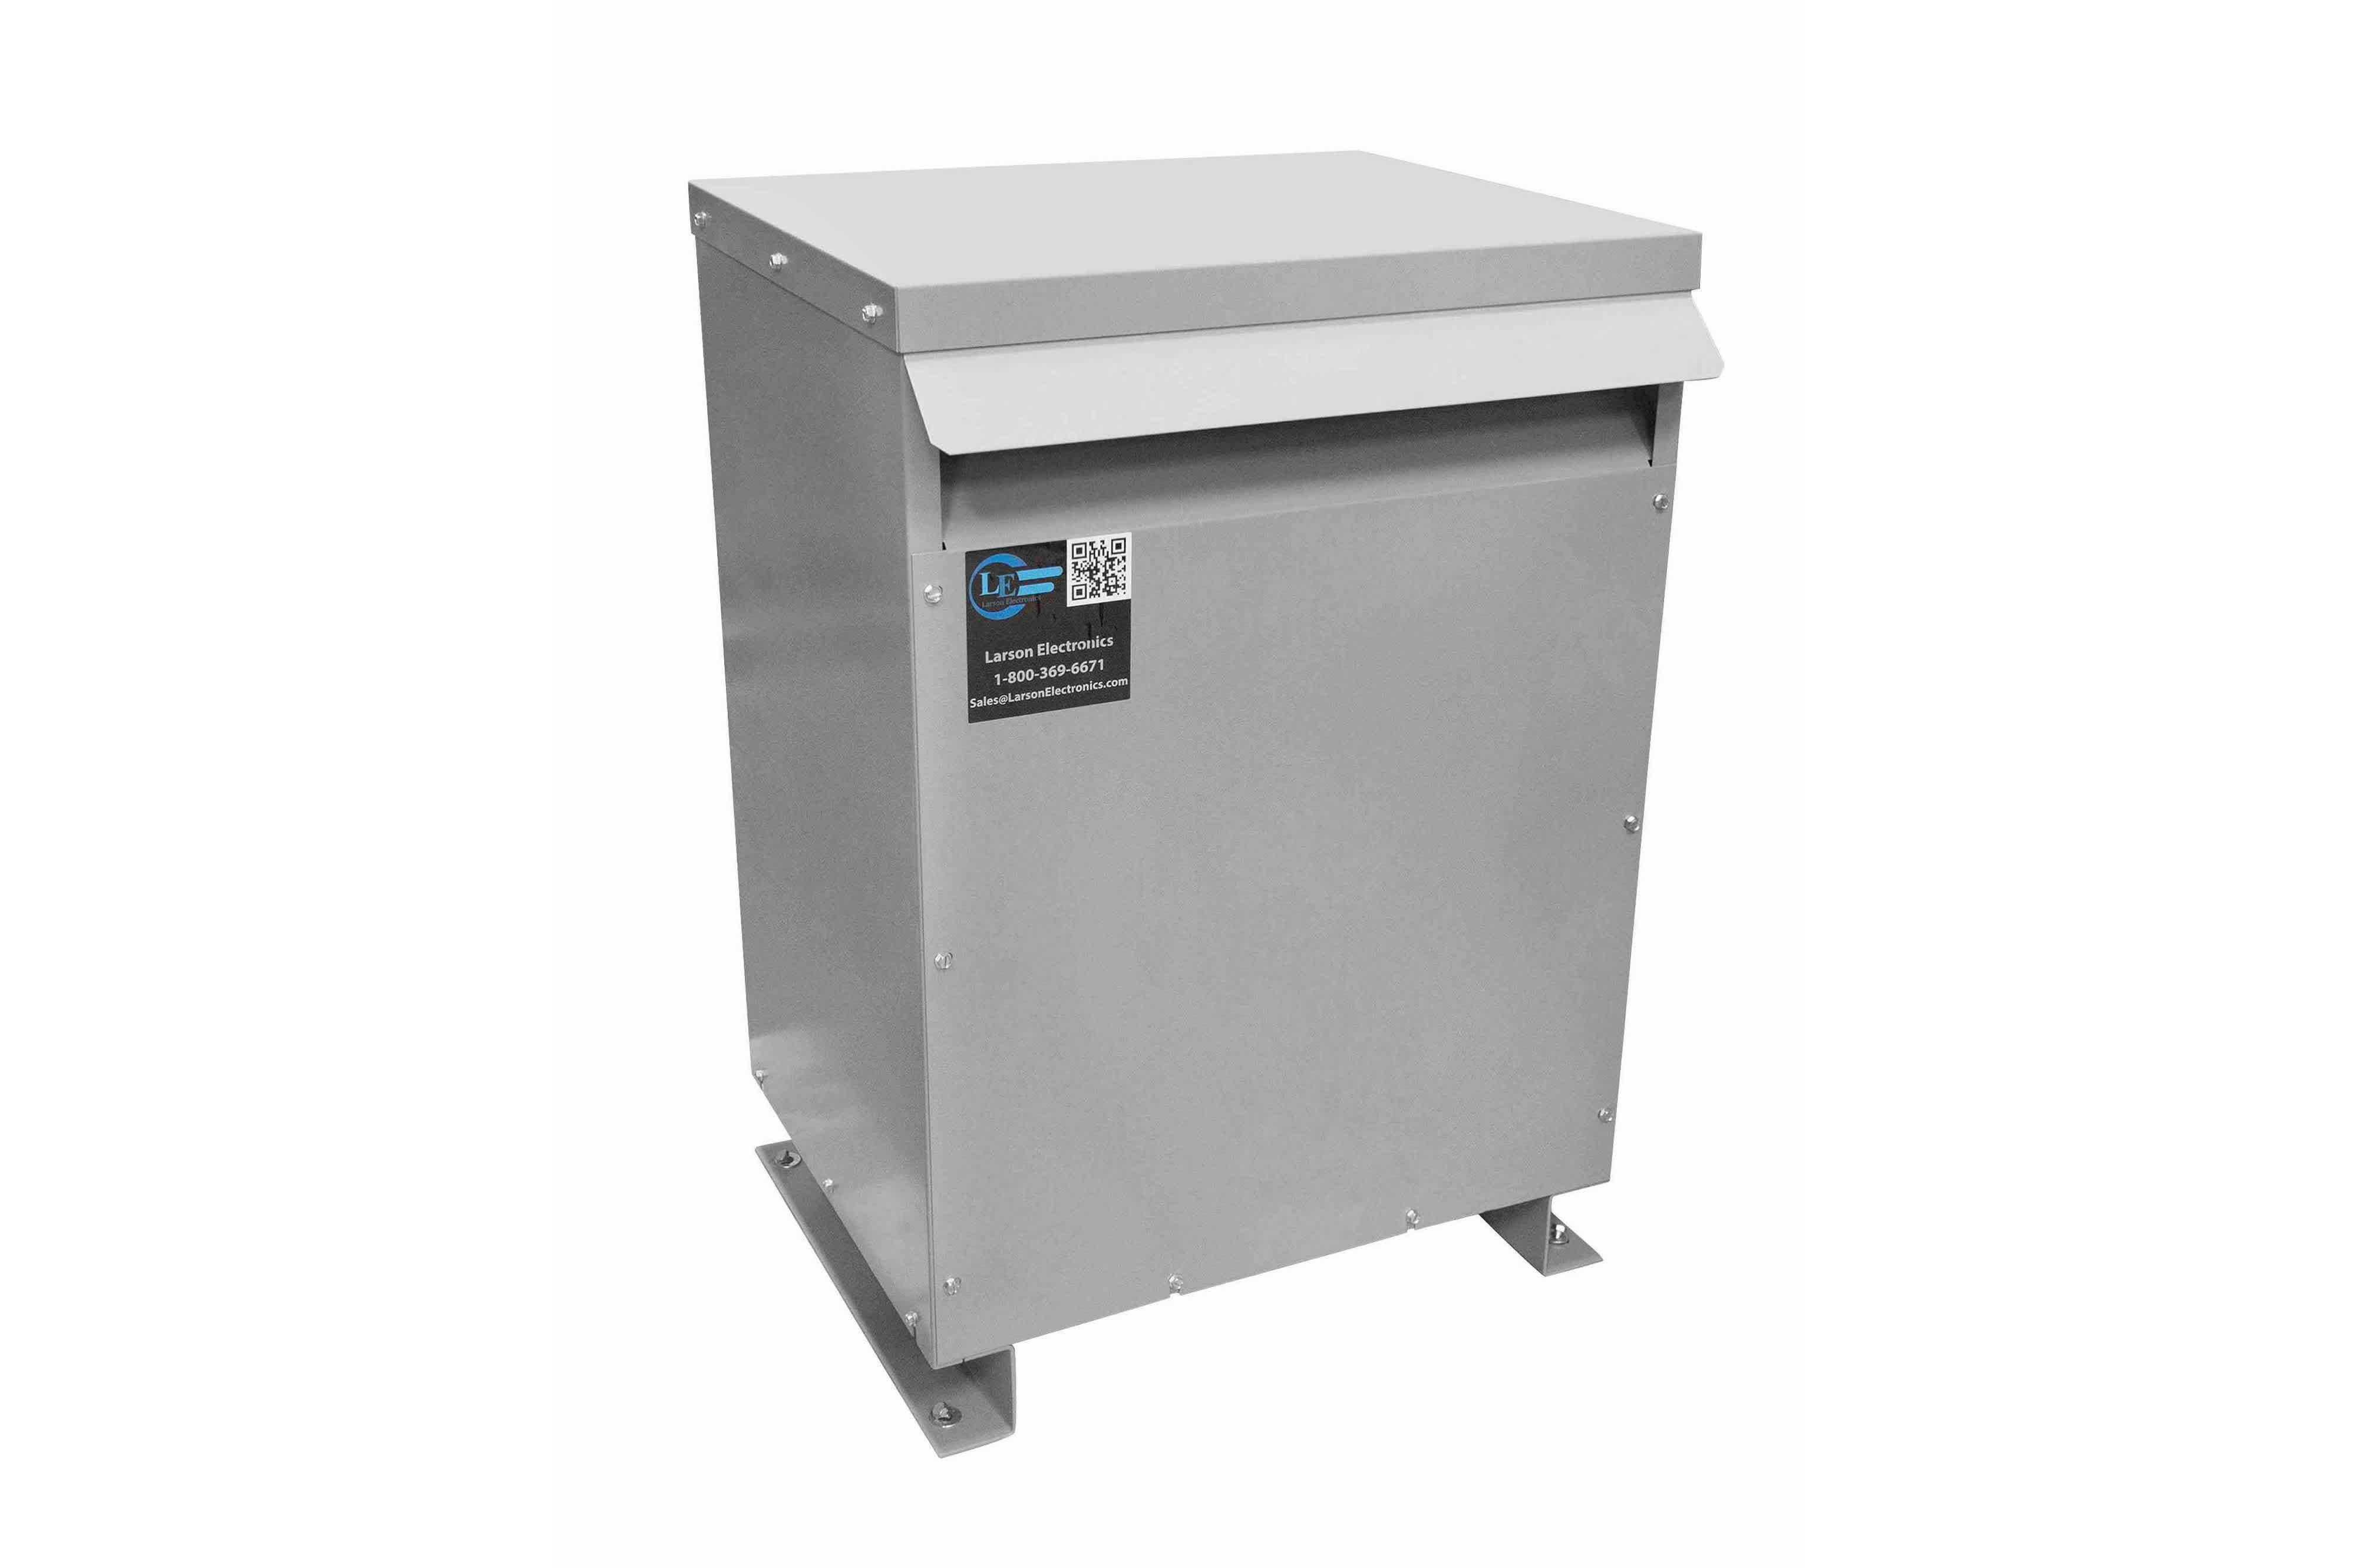 112.5 kVA 3PH Isolation Transformer, 400V Delta Primary, 480V Delta Secondary, N3R, Ventilated, 60 Hz